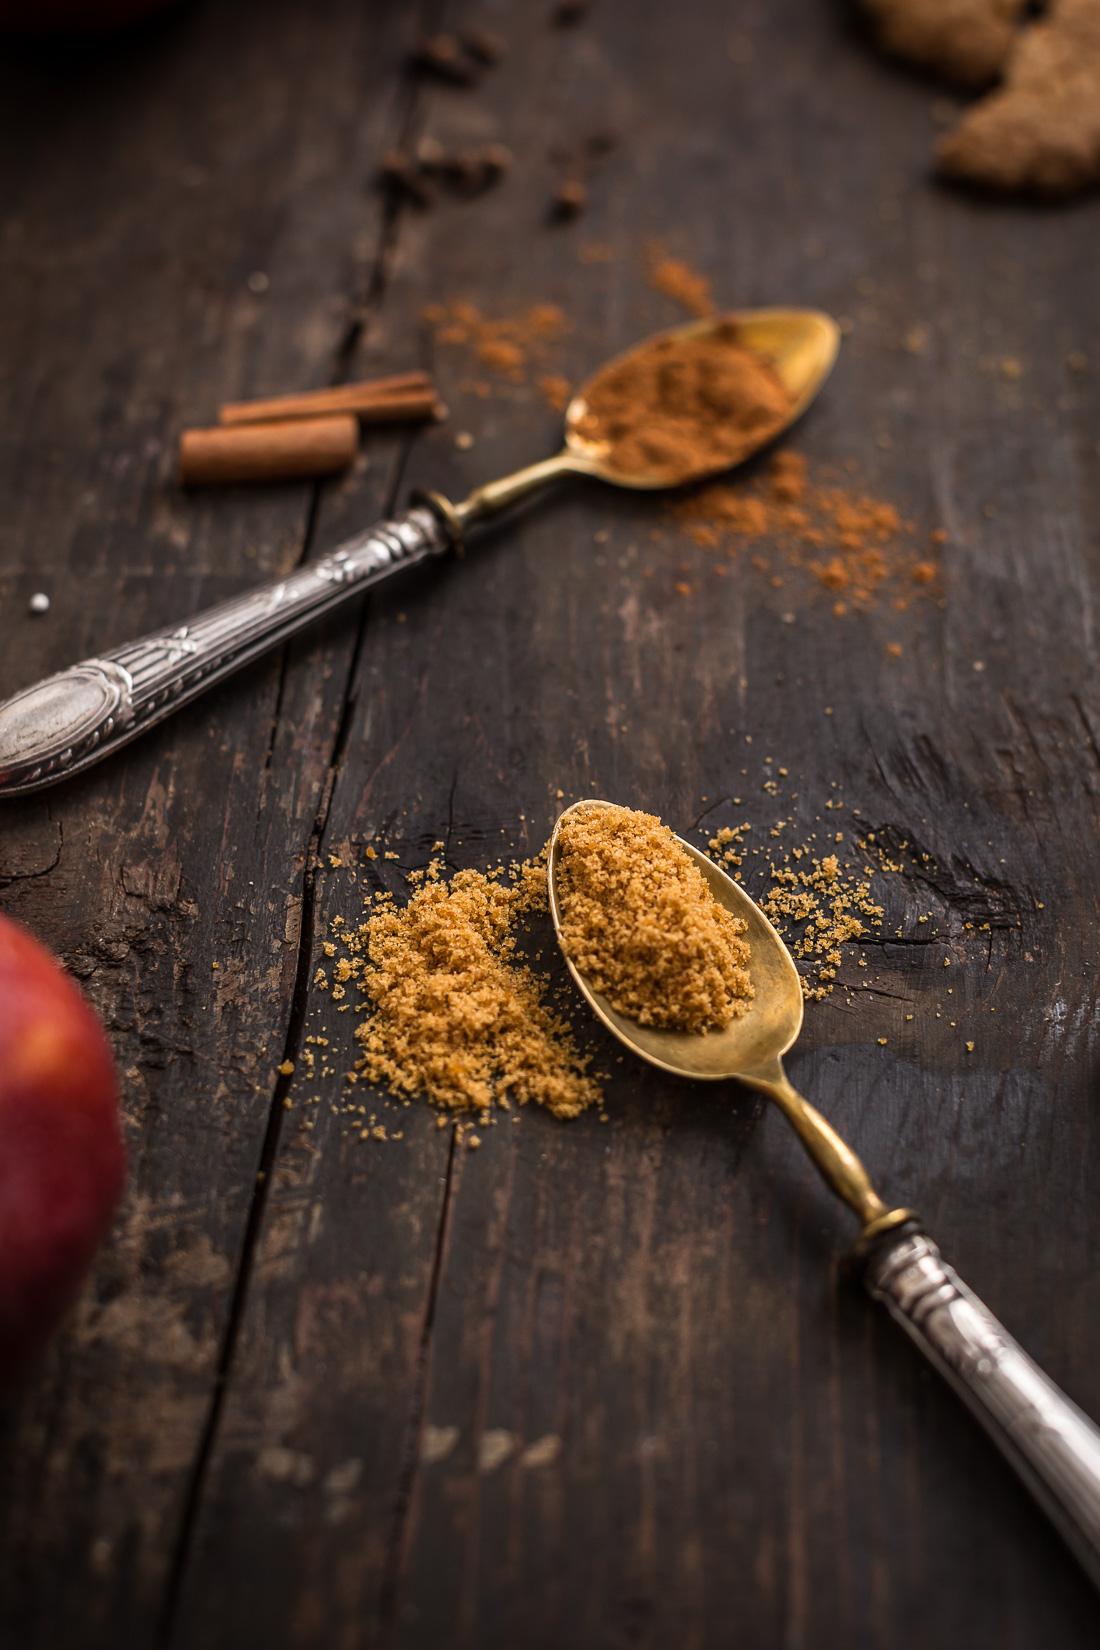 Vegan apple strudel recipe Ricetta Strudel di mele vegan senza uova senza burro zucchero muscovado e cannella